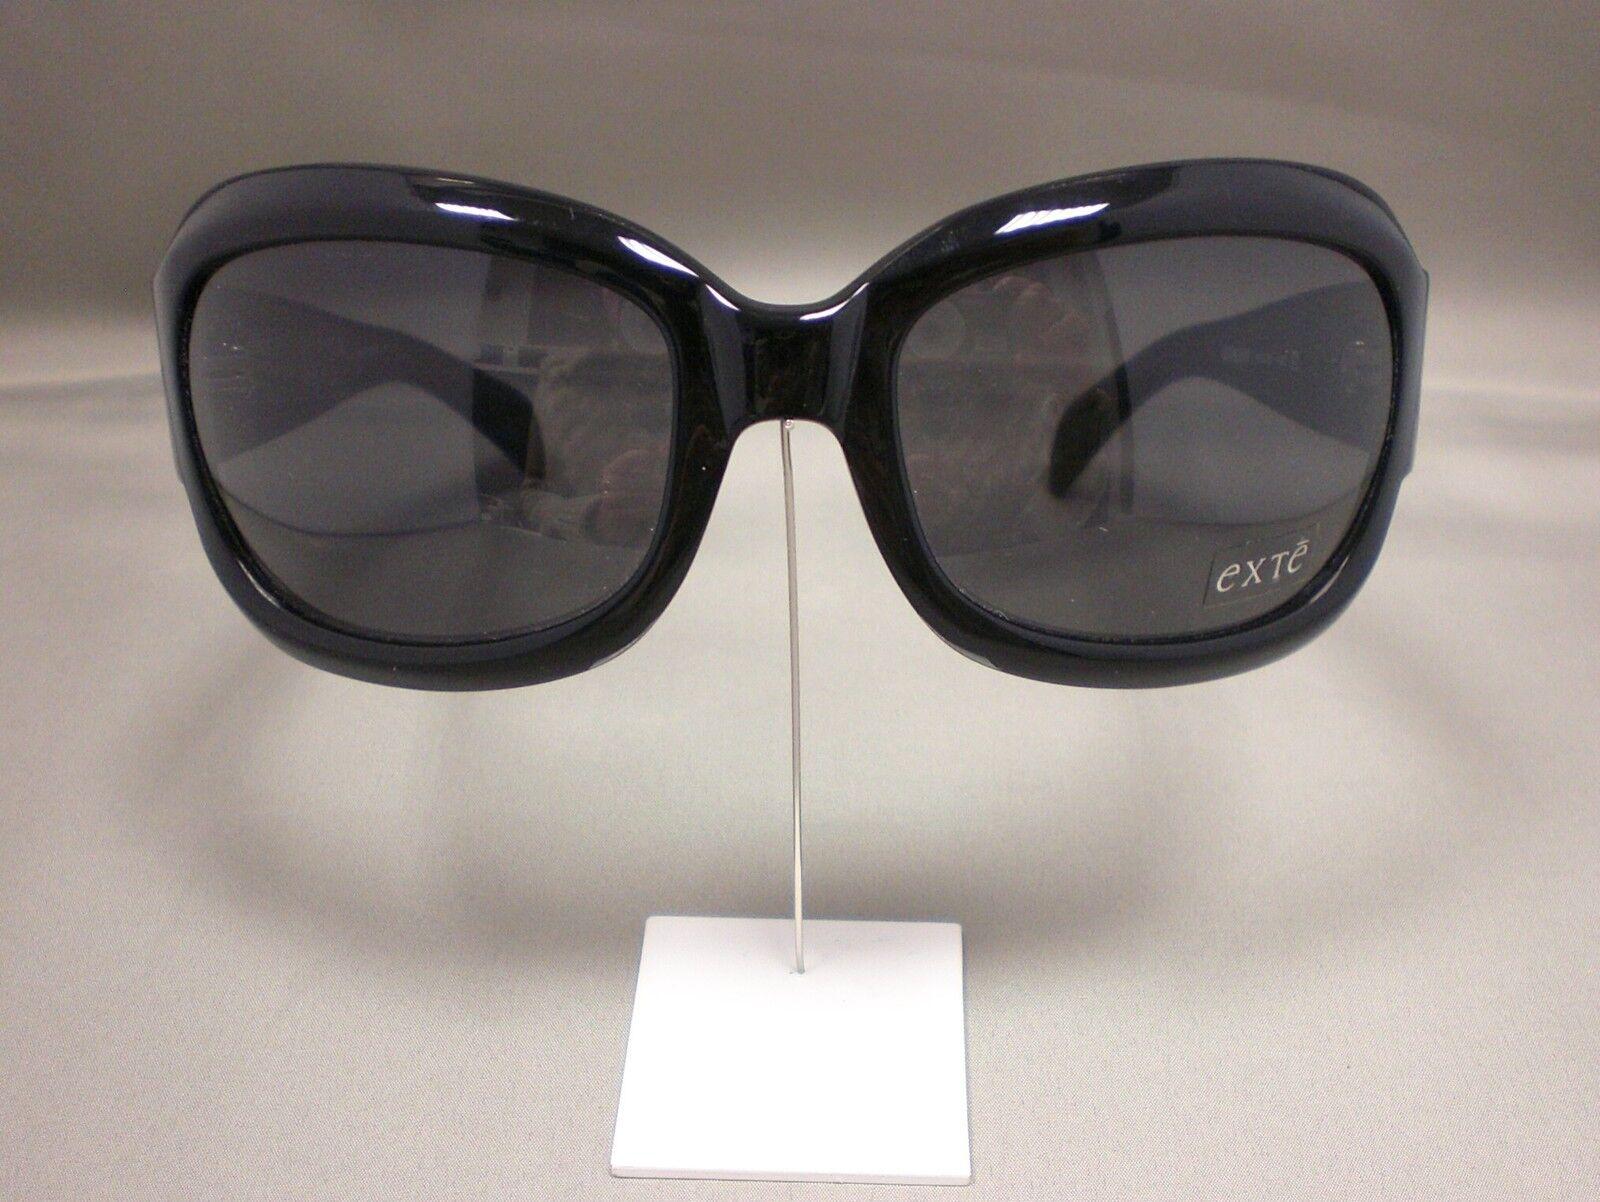 Original exte Sonnenbrille EX 630 Farbe 01 schwarz Kristalle   | Deutsche Outlets  | Neuheit Spielzeug  | Ein Gleichgewicht zwischen Zähigkeit und Härte